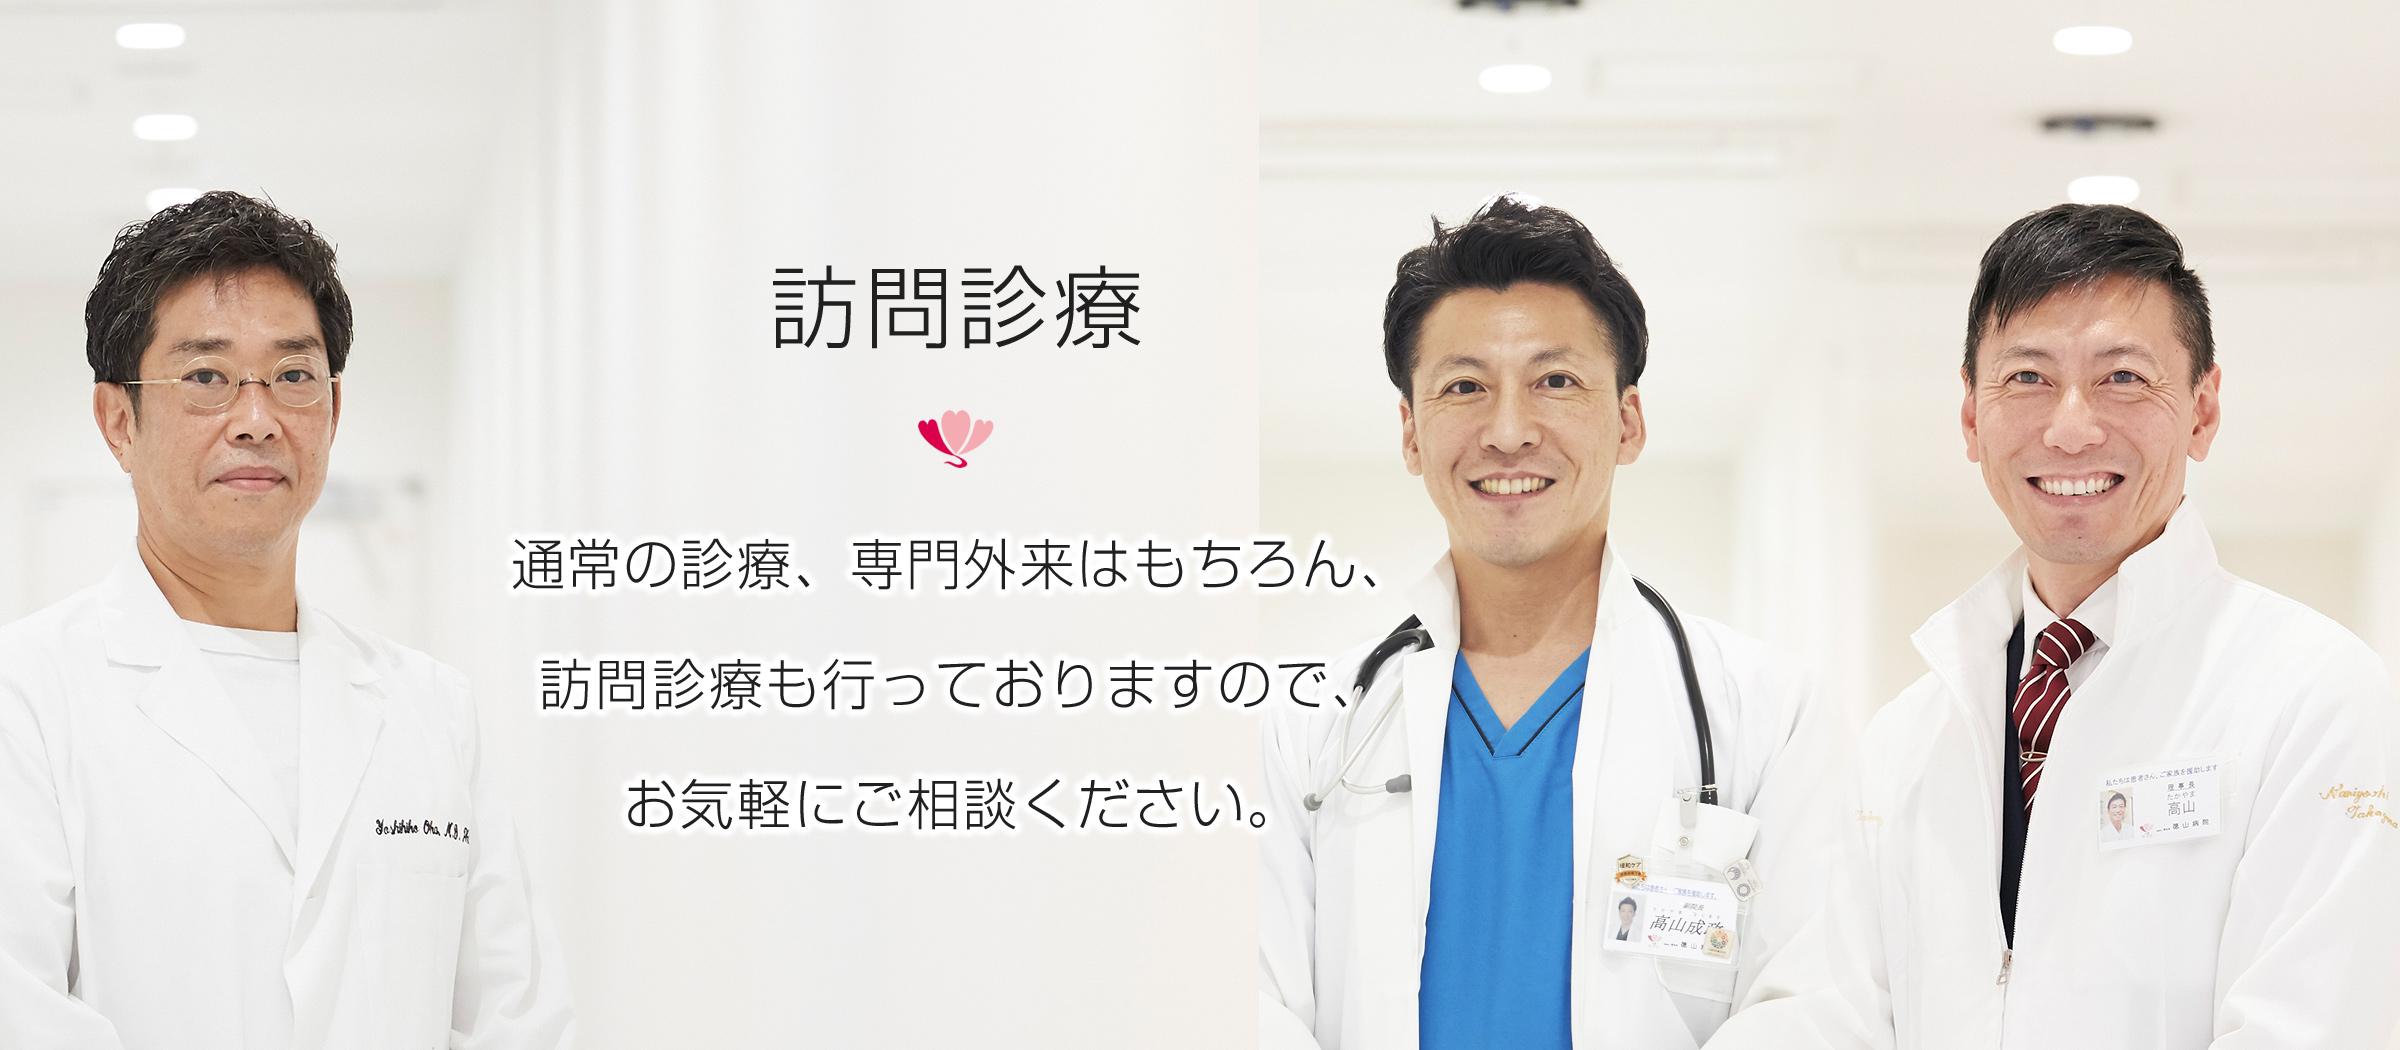 徳山病院 診療について